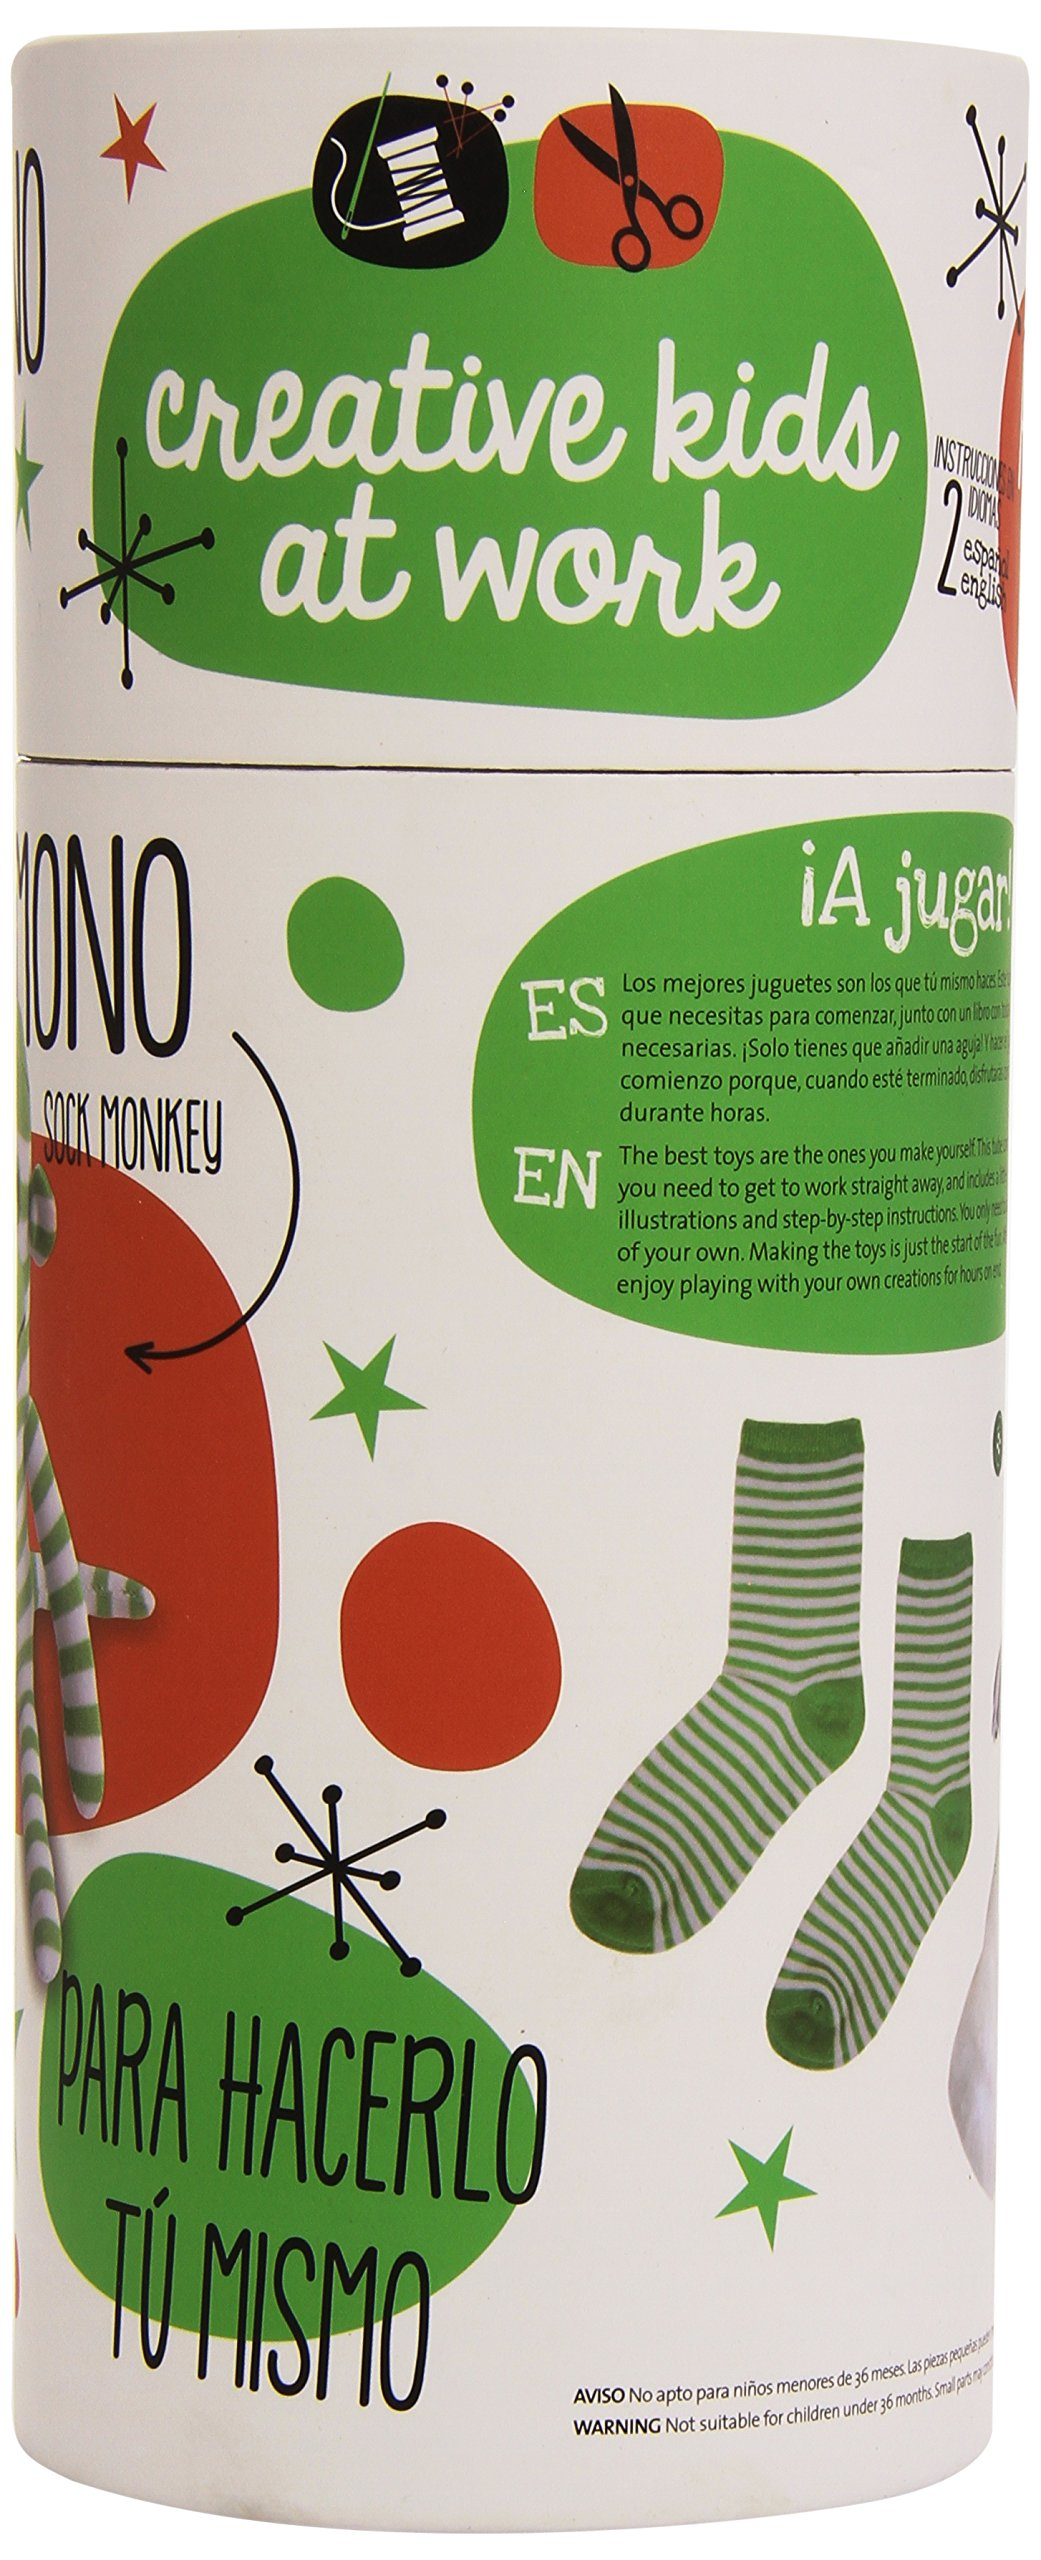 CALCETIN DE MONO.(TUBO CREATIVE KIDS AT WORK): 8712048295103: Amazon.com: Books